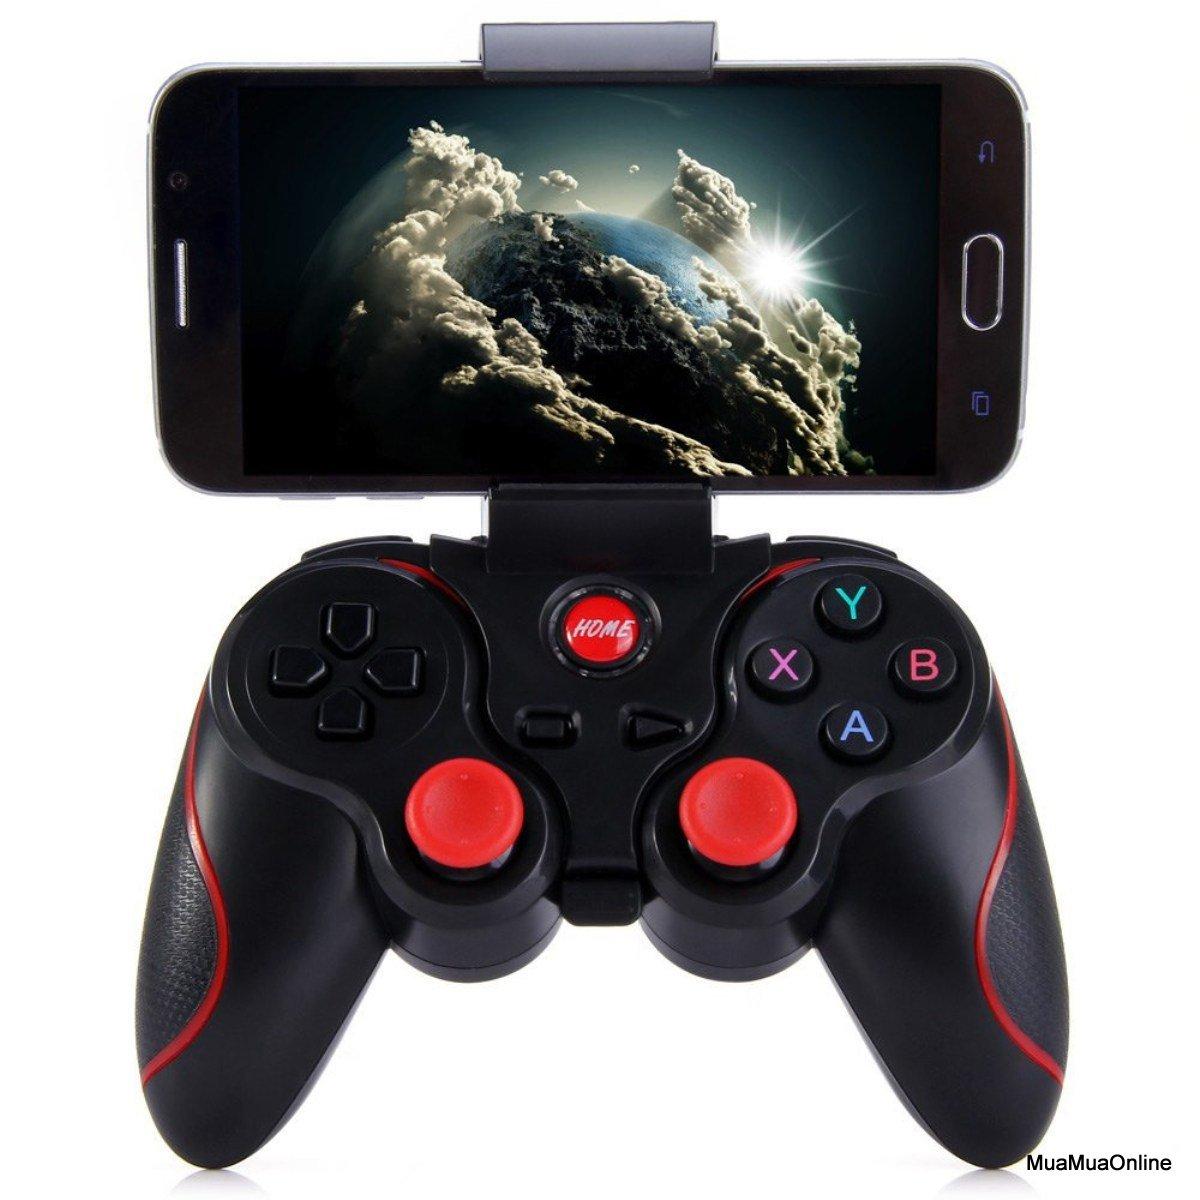 Bộ Tay Cầm Chơi Game Bluetooth X3 Tặng Giá Kẹp Điện Thoại Cao Cấp